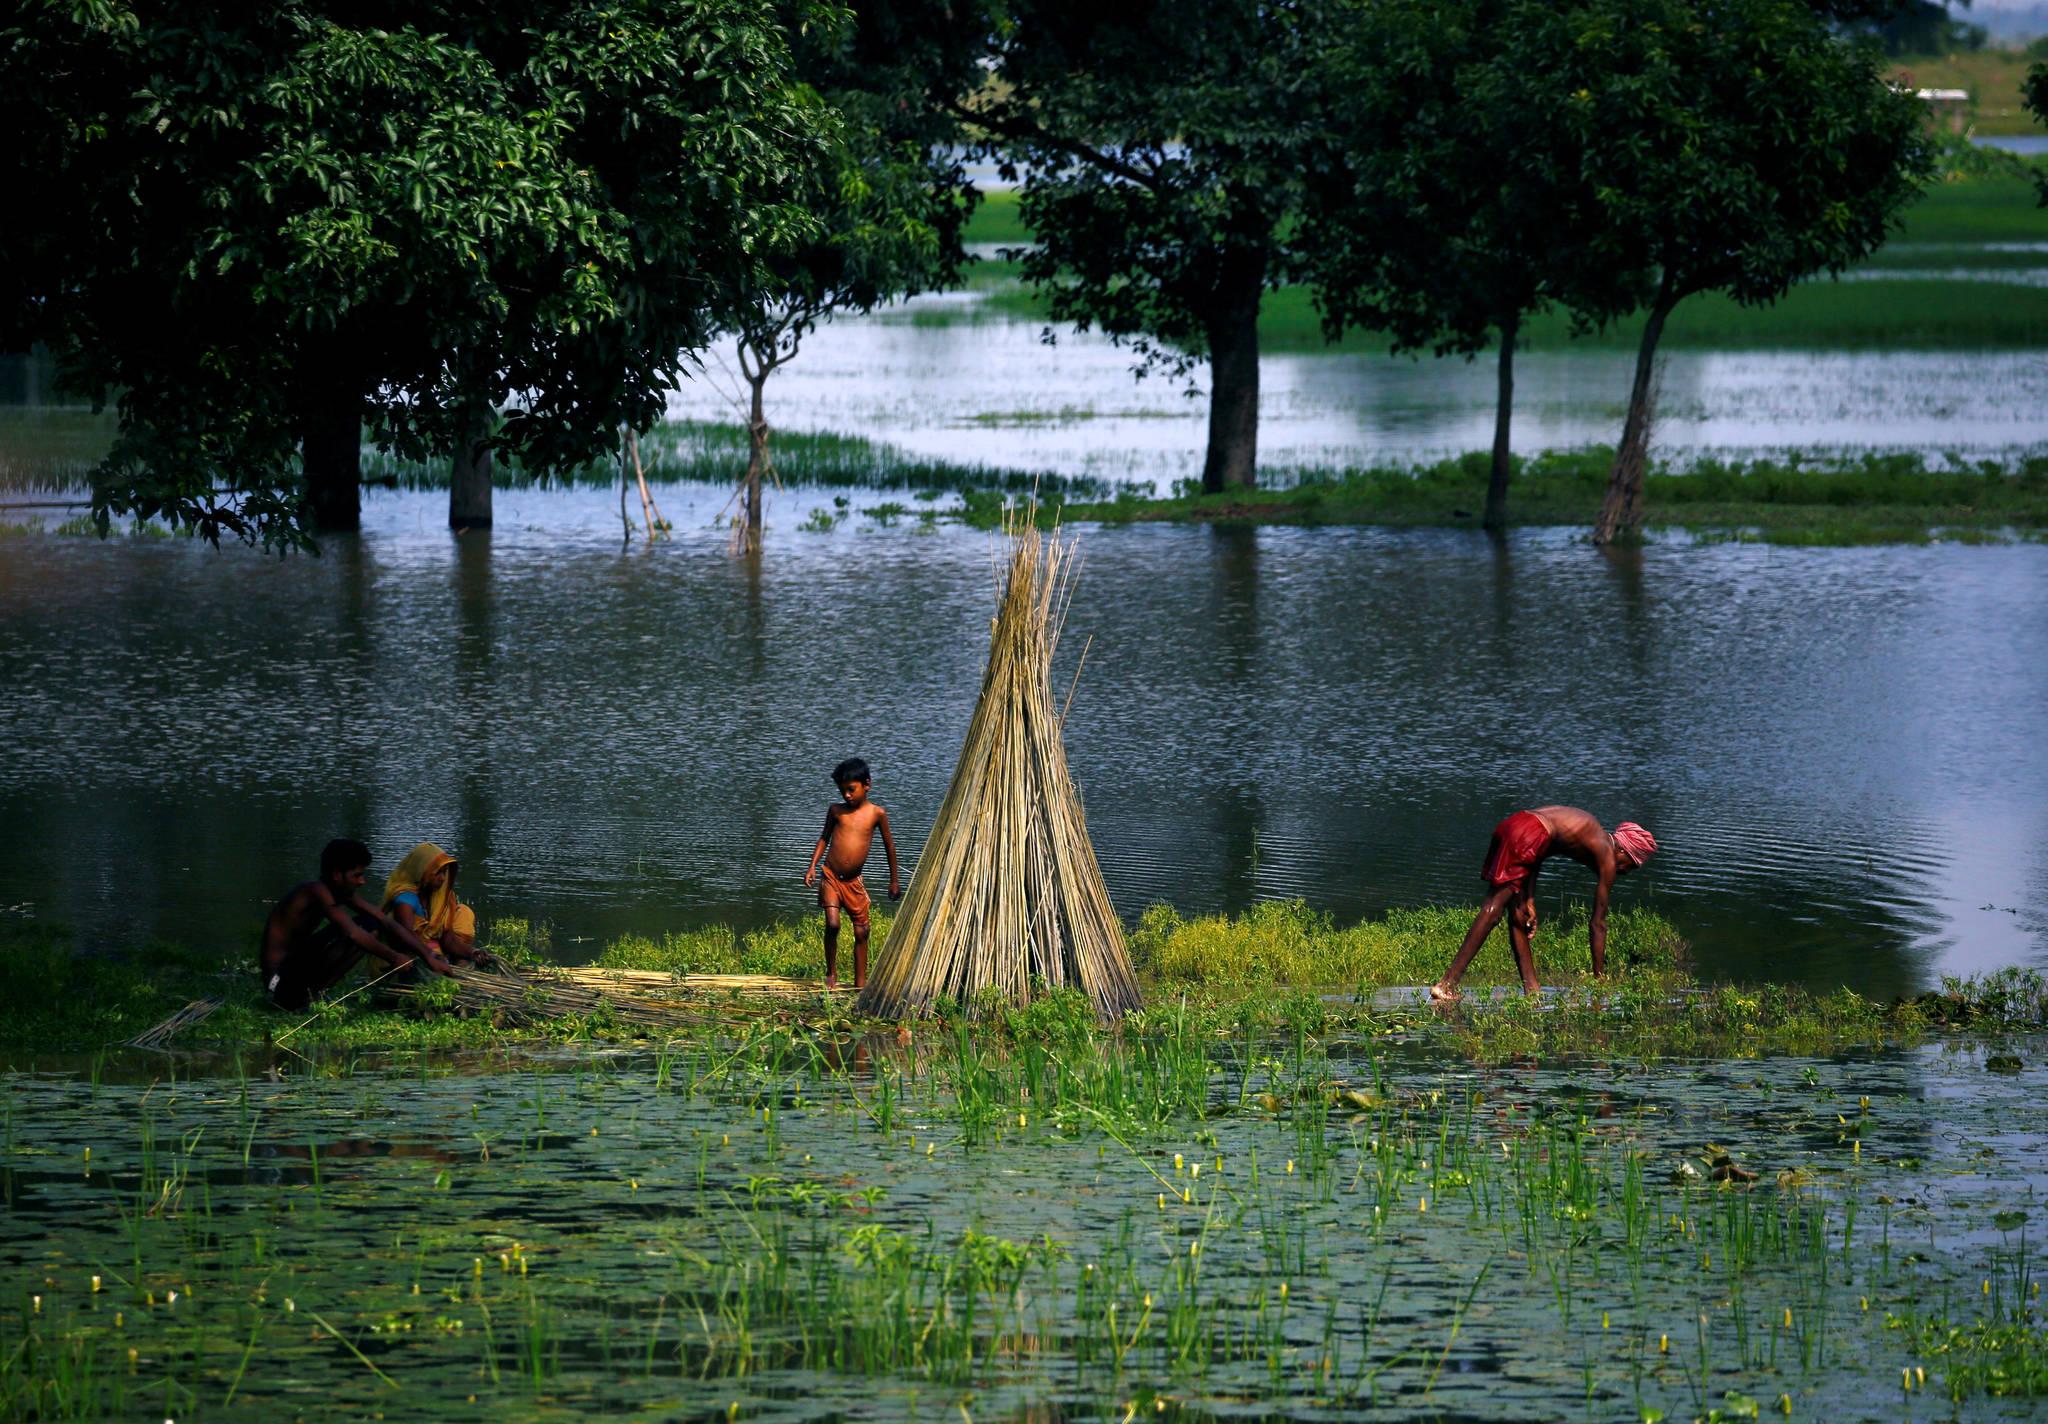 8월 14일. 네팔 대홍수로 집을 잃은 이재민.[REUTERS=연합뉴스/Navesh Chitrakar]